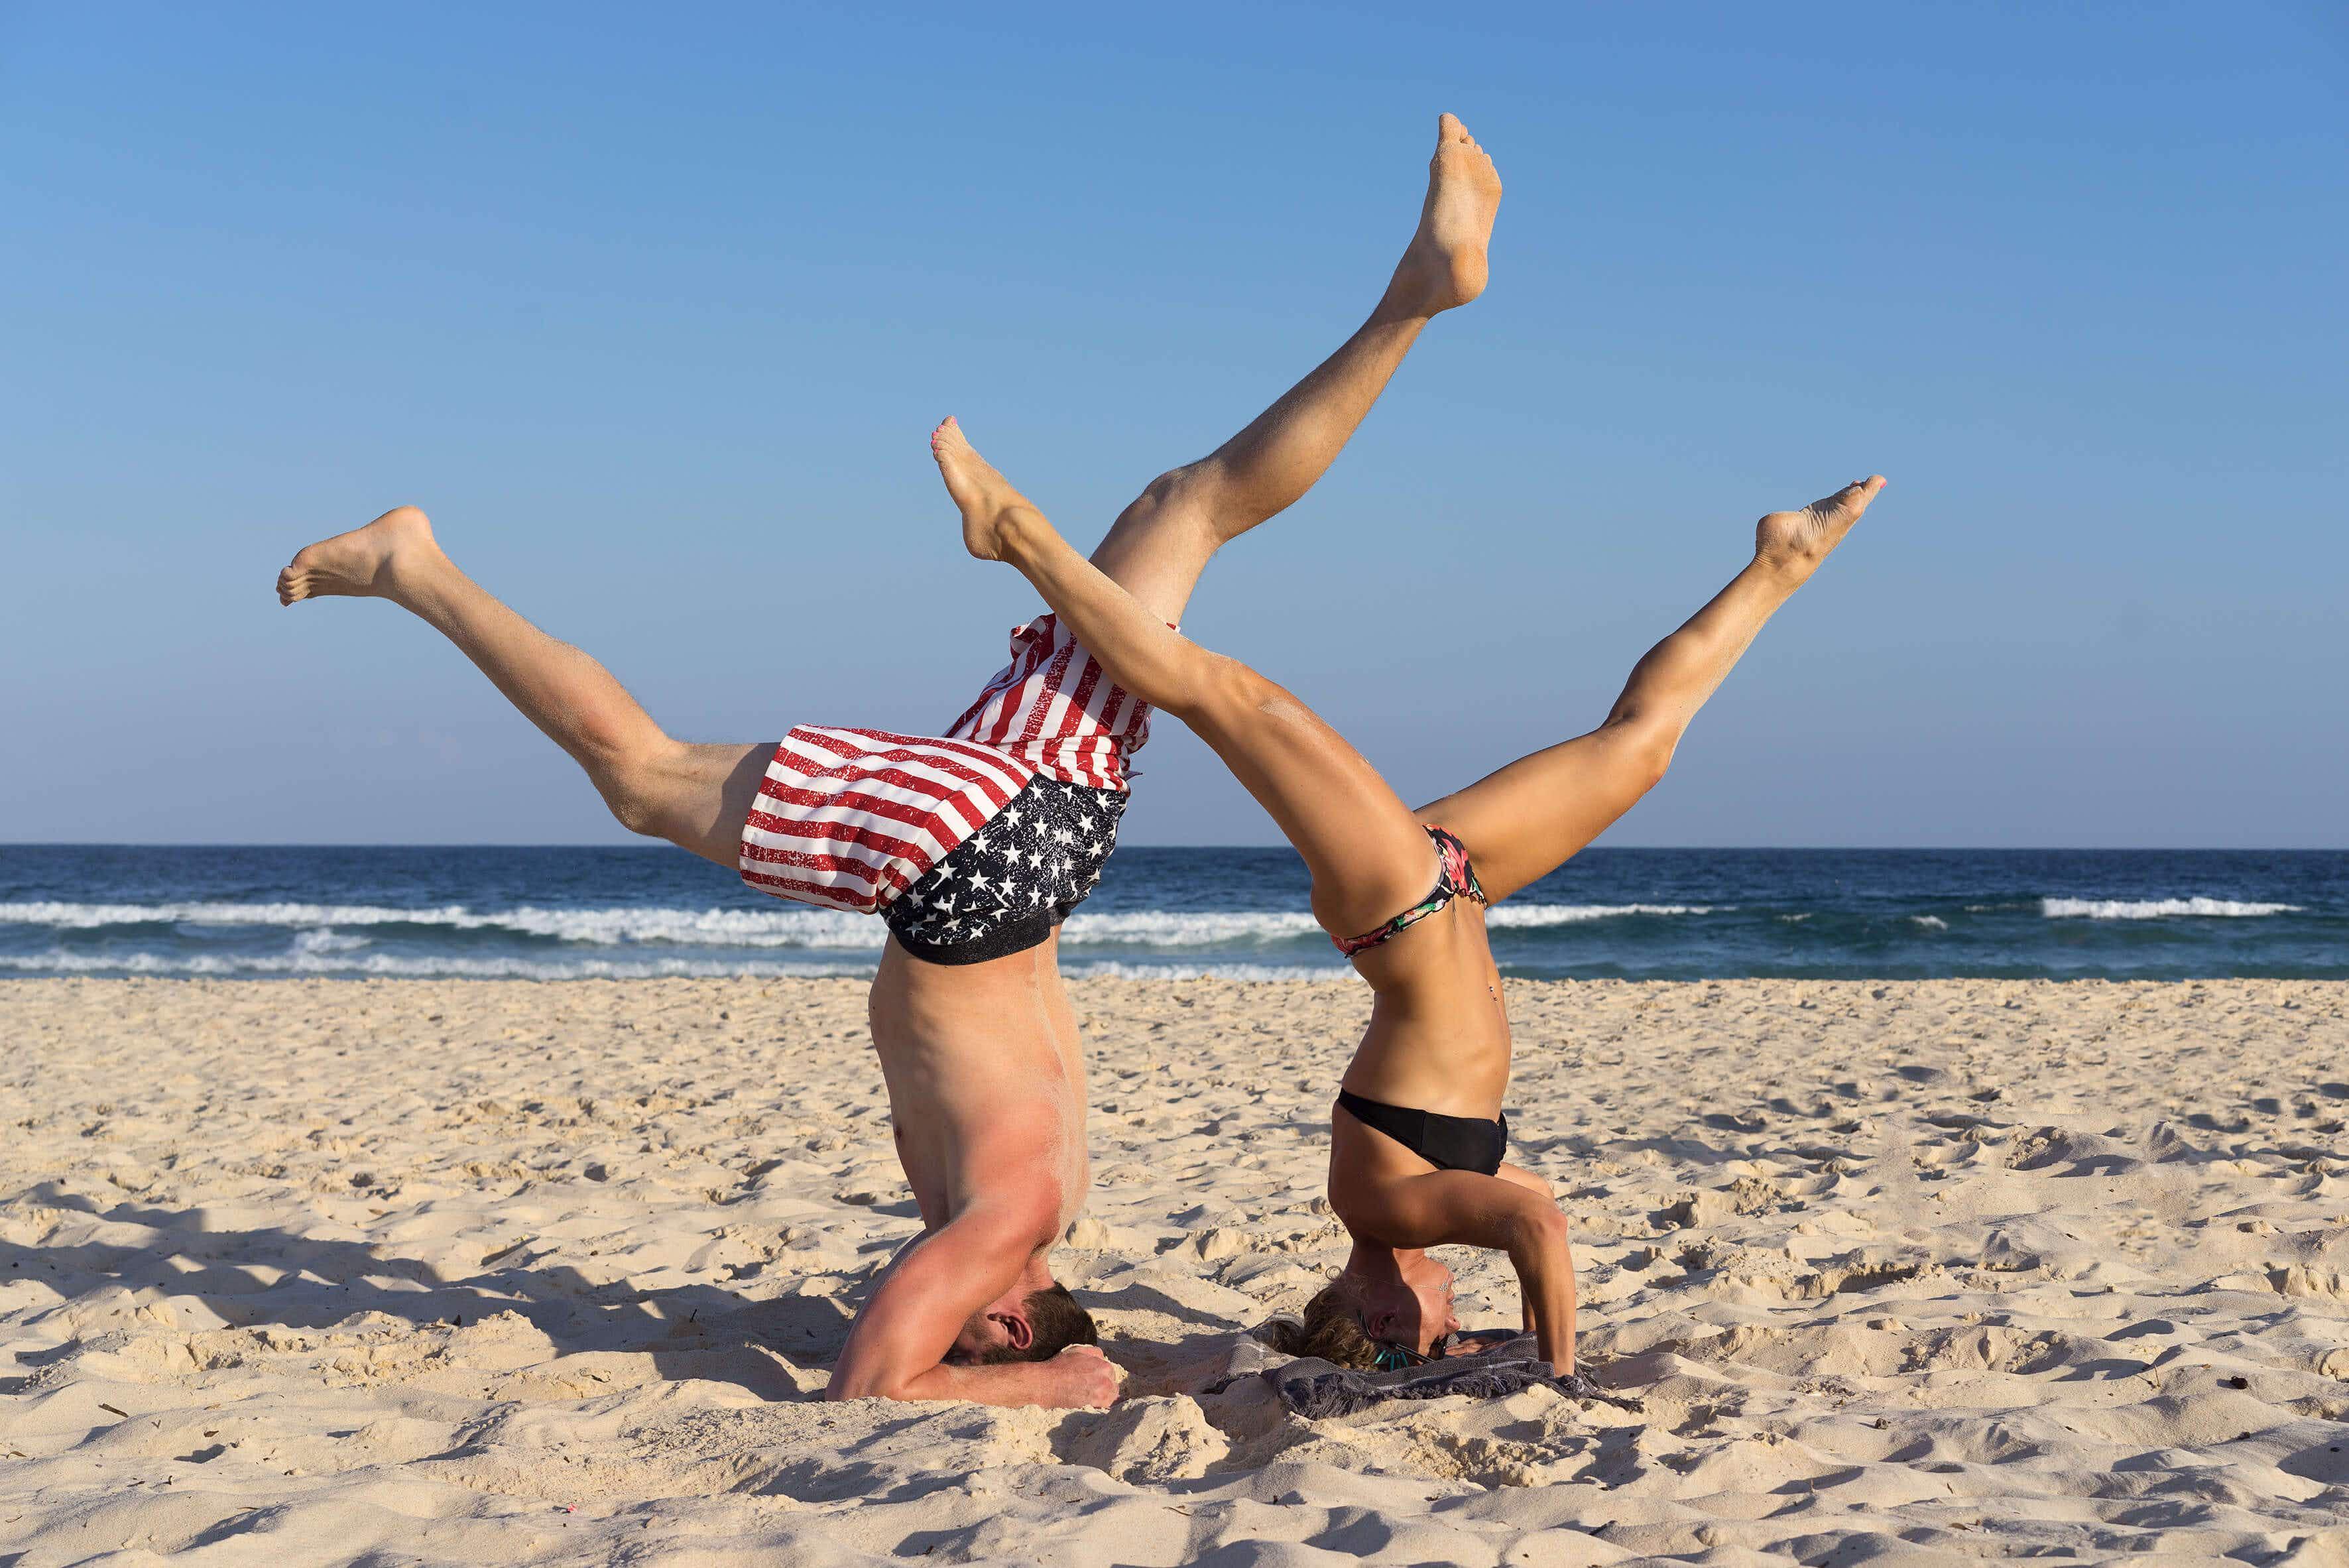 Aussie beach culture captured in this candid exhibition